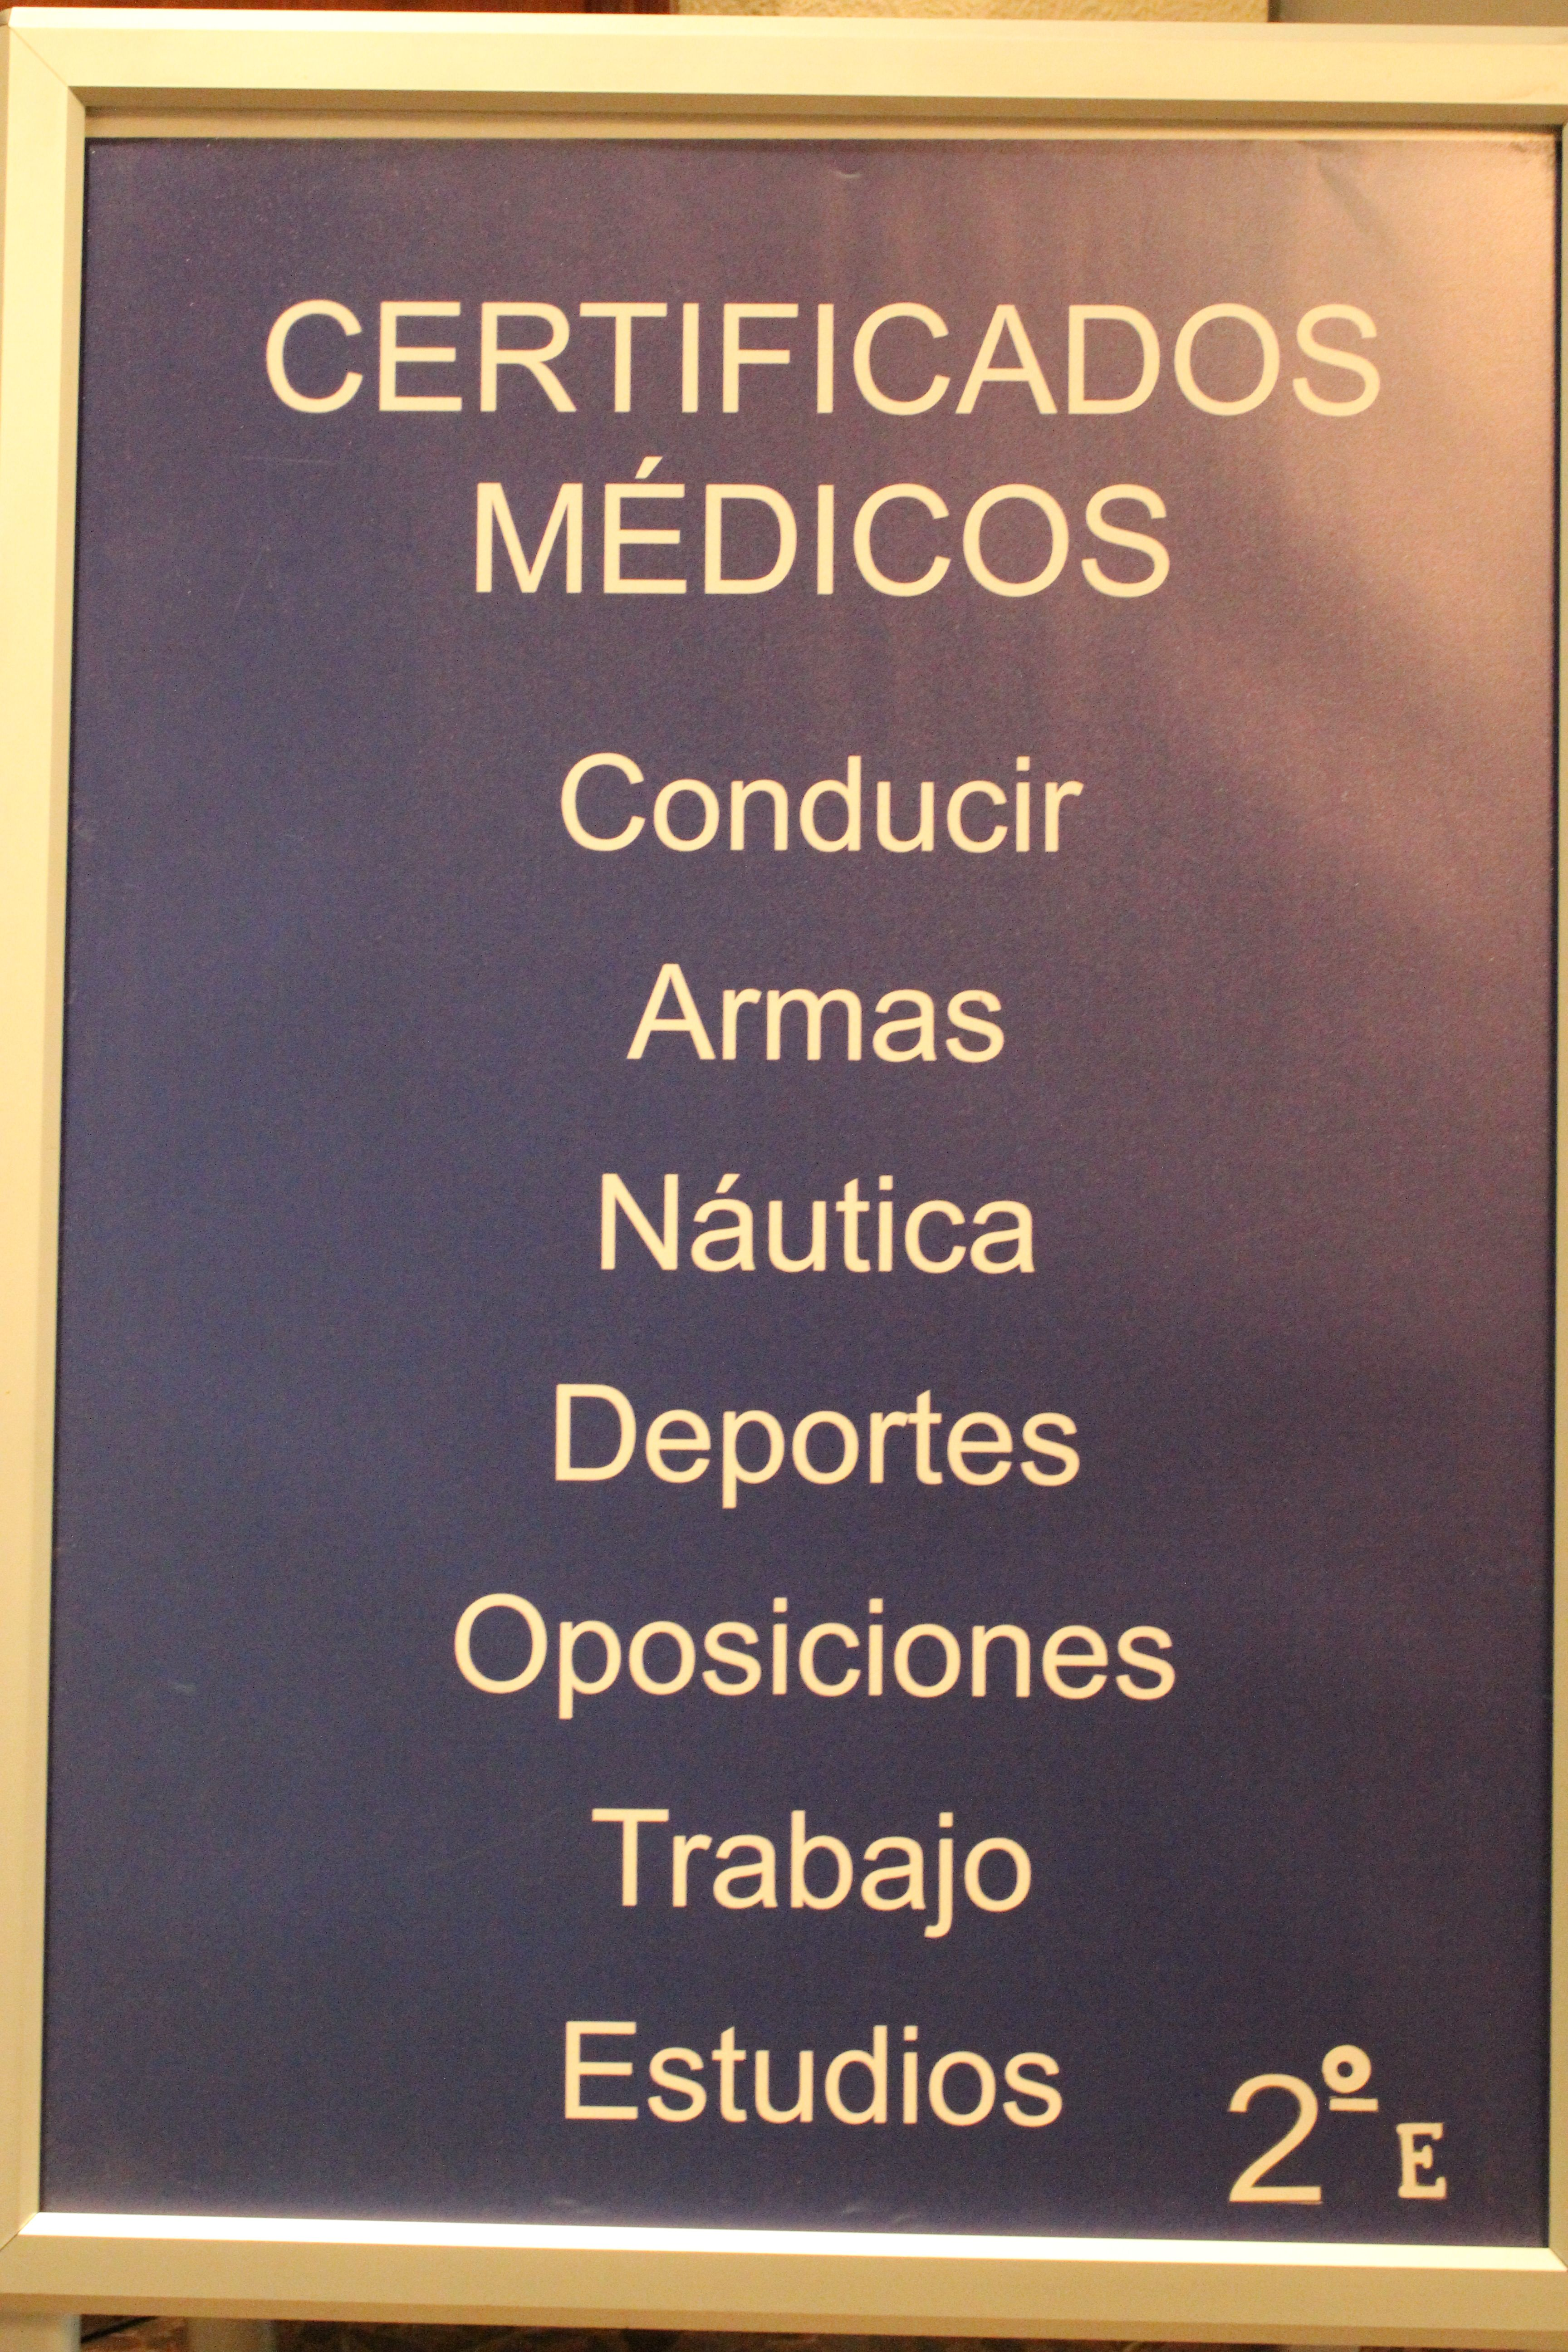 Foto 3 de Reconocimientos y certificados médicos en Madrid   Centro Psicotécnico Arenal